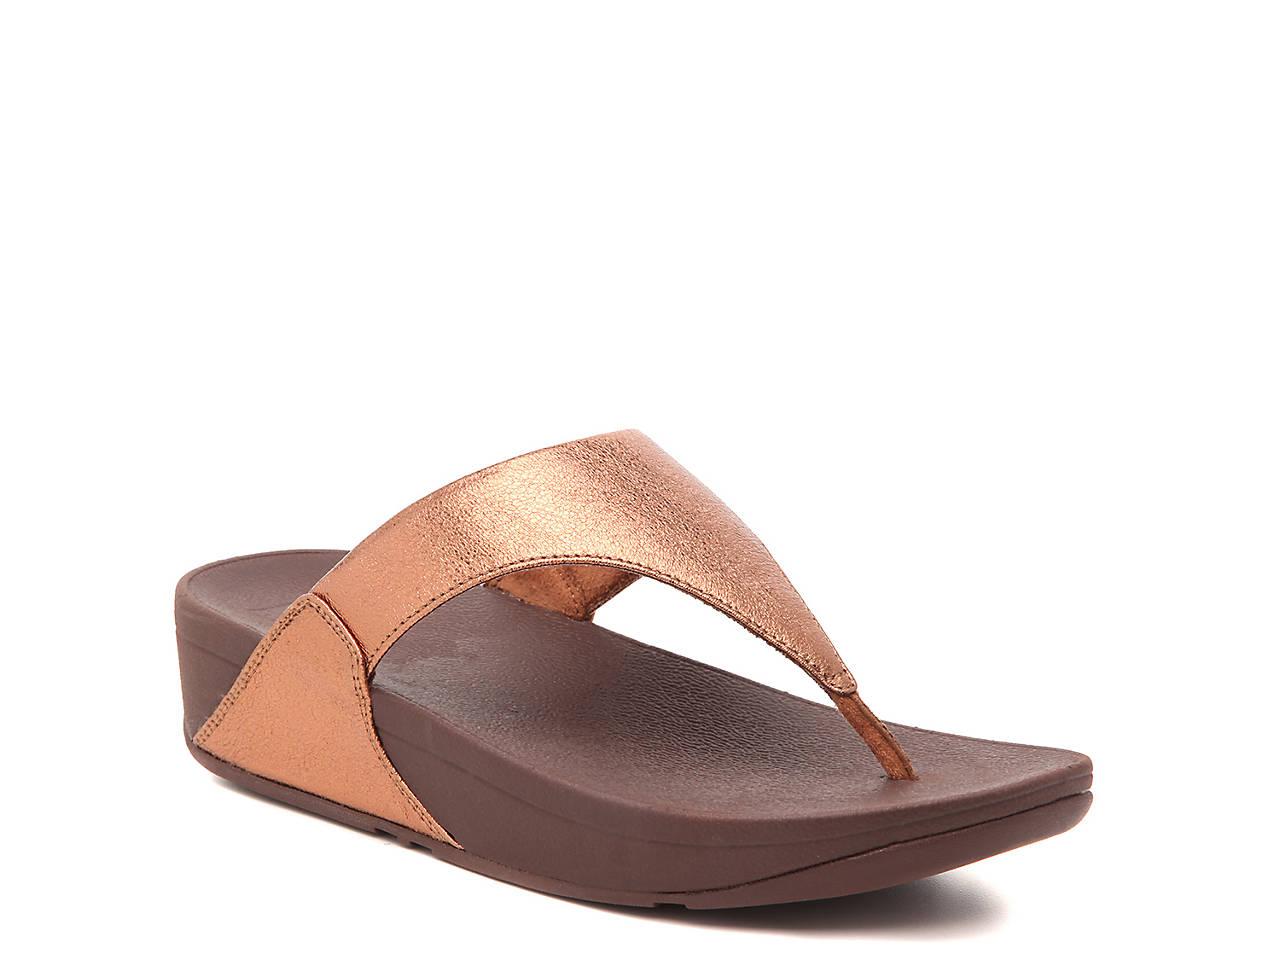 32f600bd1 FitFlop Lulu Wedge Sandal Women s Shoes